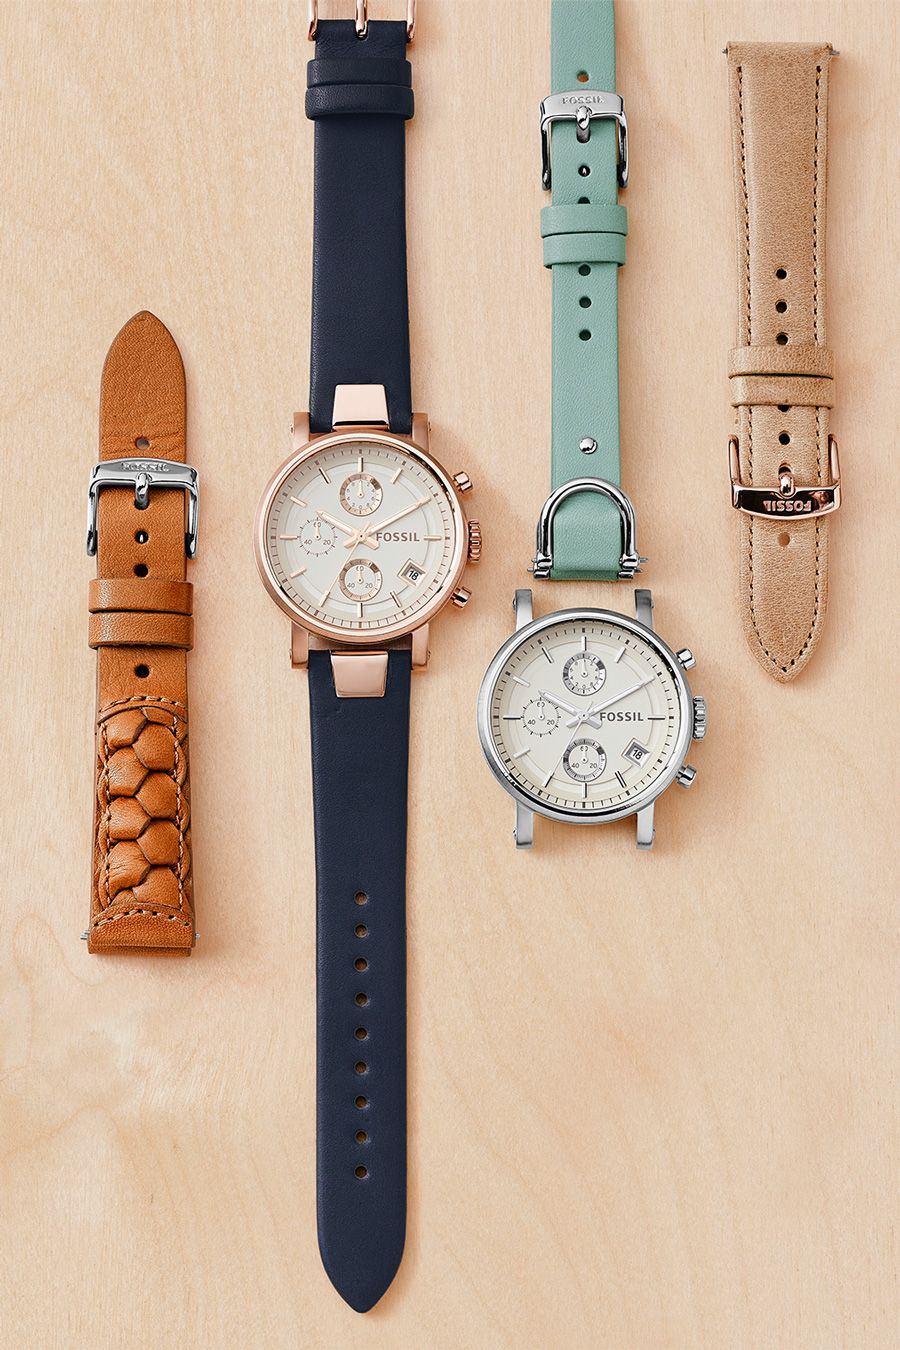 Interchangeable Watches Women S Interchangeable Watches Boyfriend Watch Fossil Watches Women Womens Designer Watches